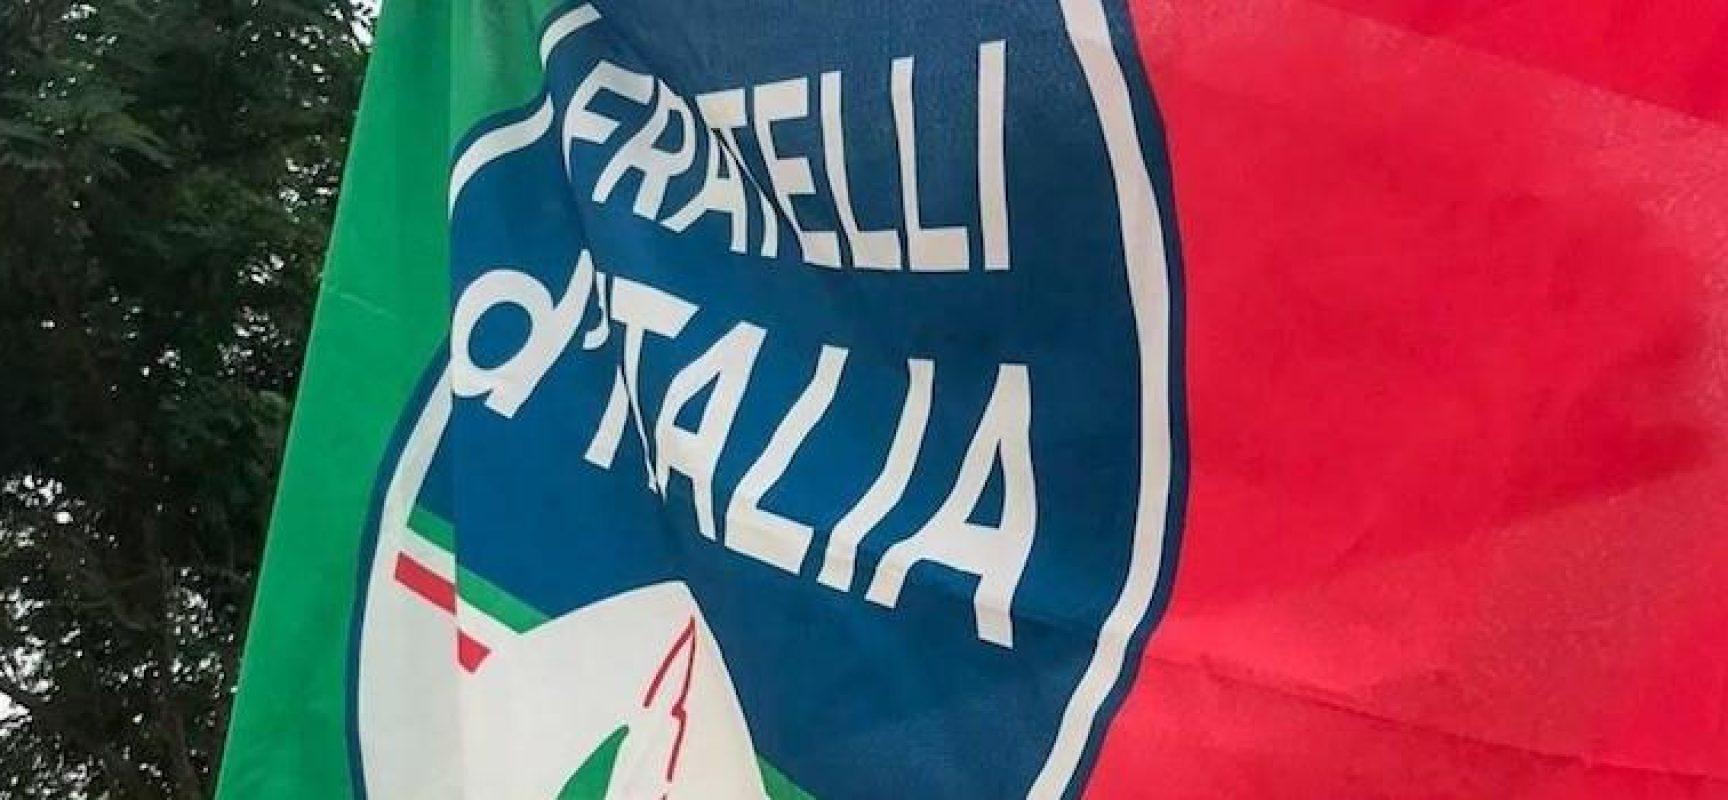 """Fratelli d'Italia Bisceglie: """"Violenza contro Cgil opera di delinquenti. No strumentalizzazioni"""""""